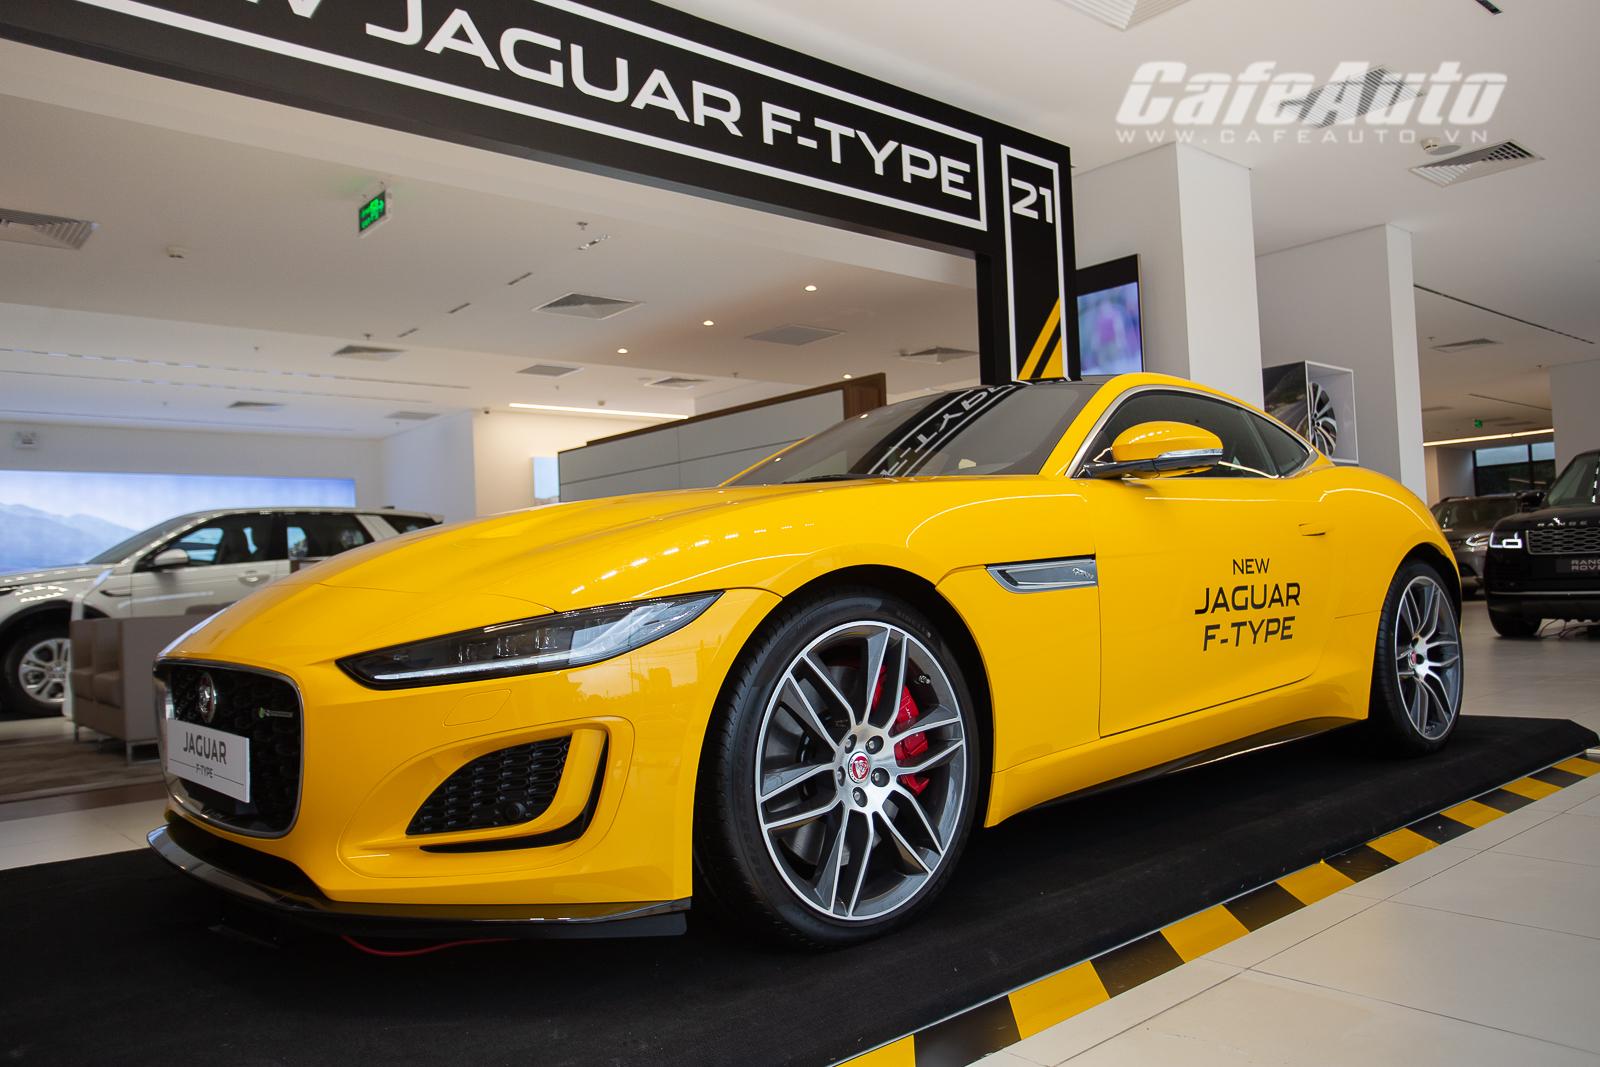 jaguarftype2021-cafeautovn-9